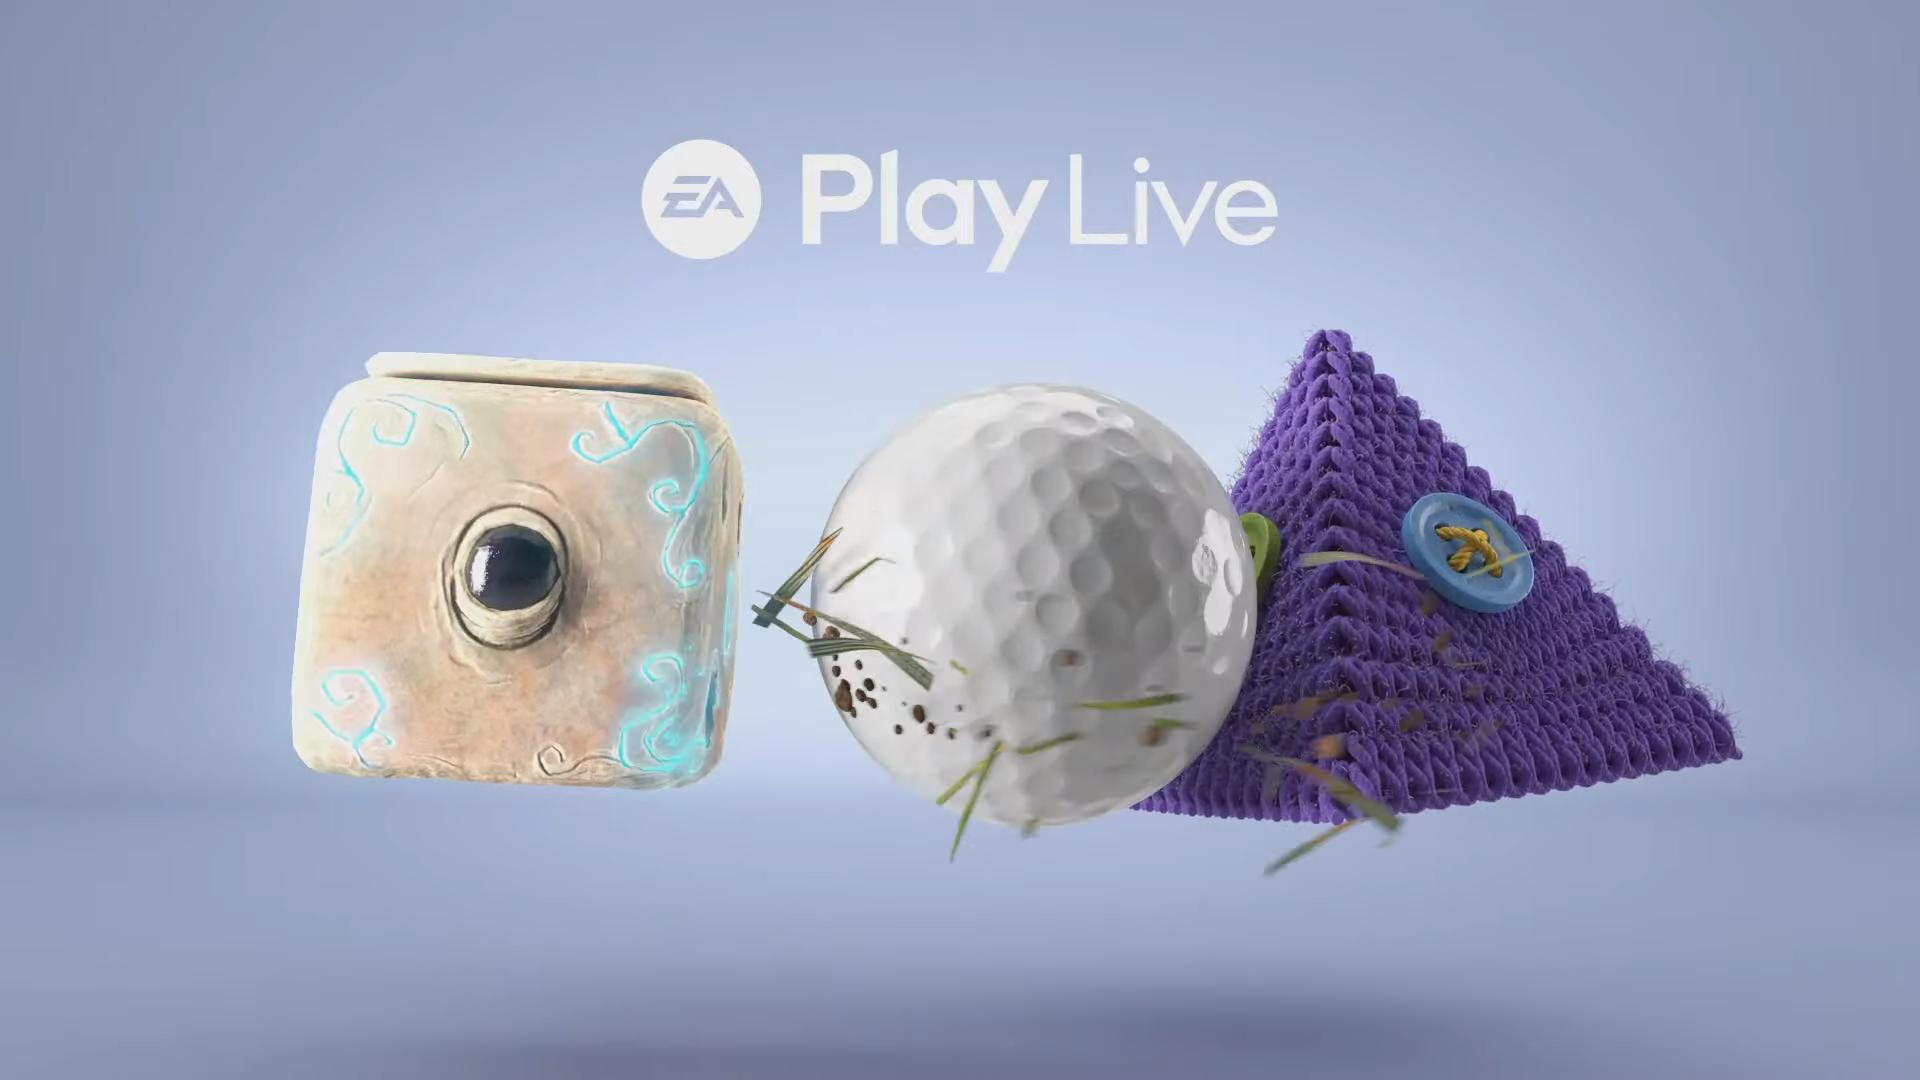 Novidades vindas do EA Play Live 2021